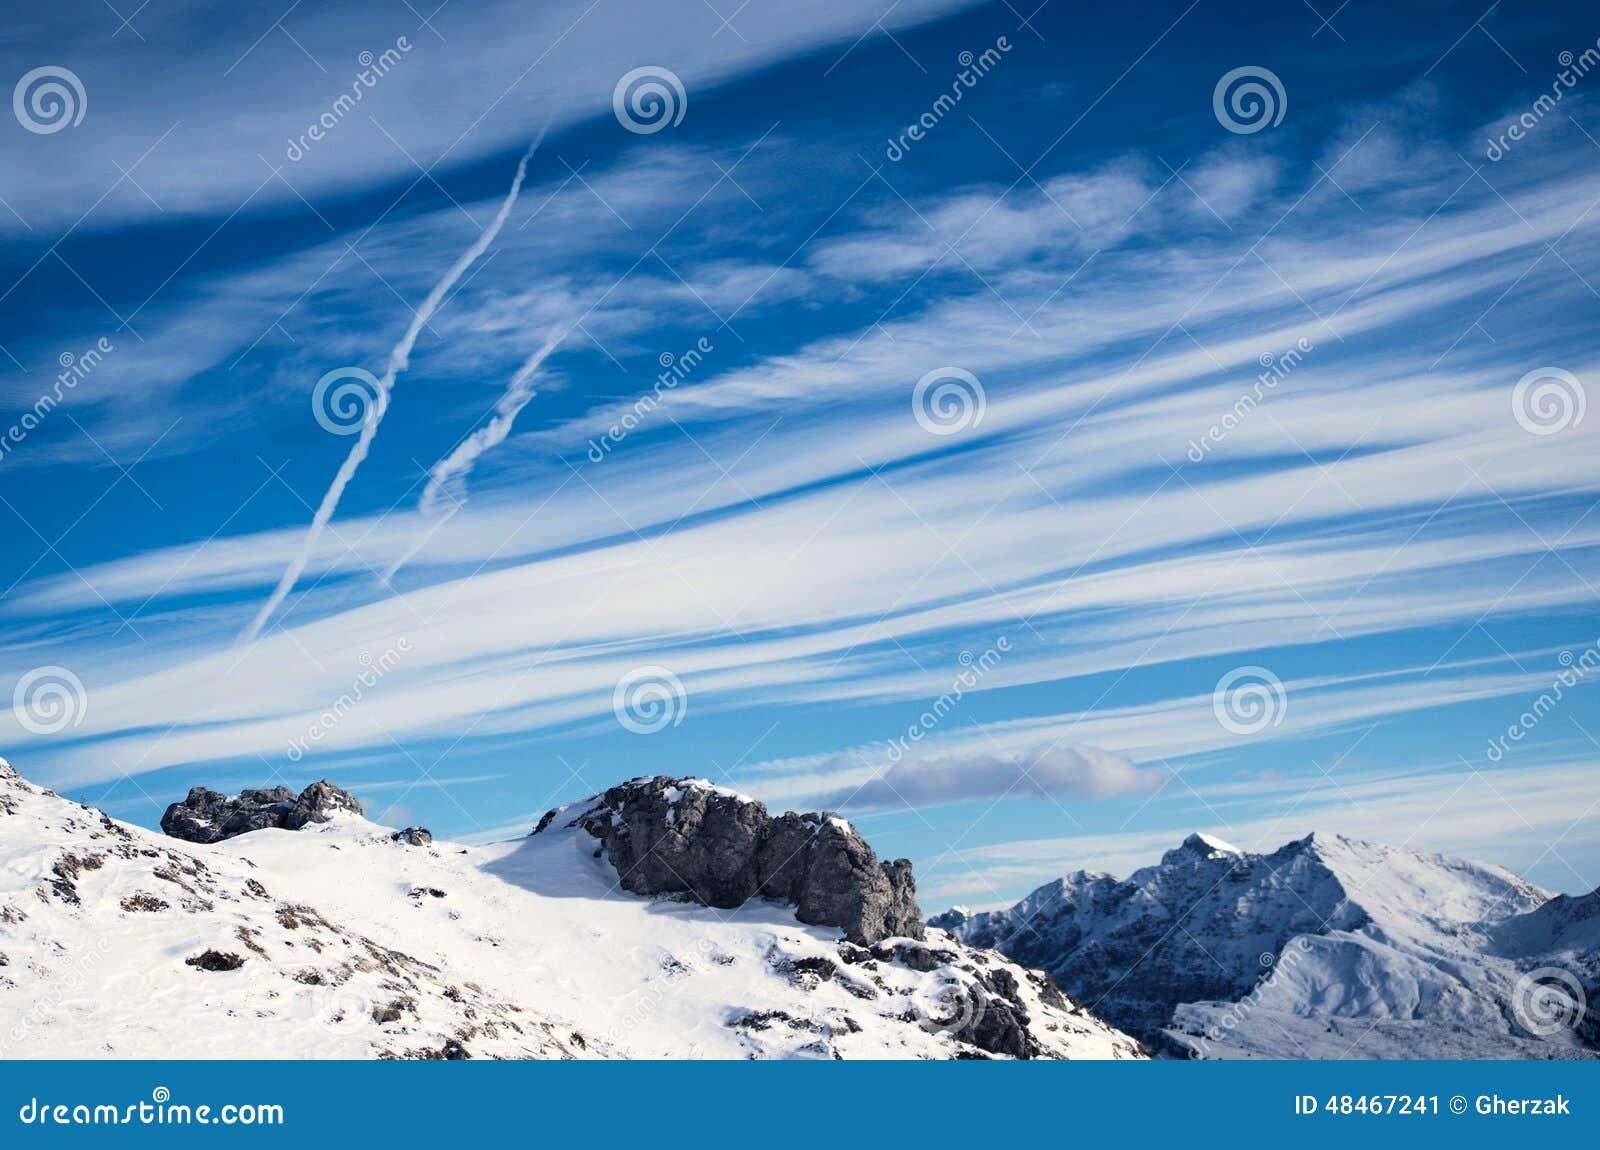 landscape sky clouds snow - photo #7